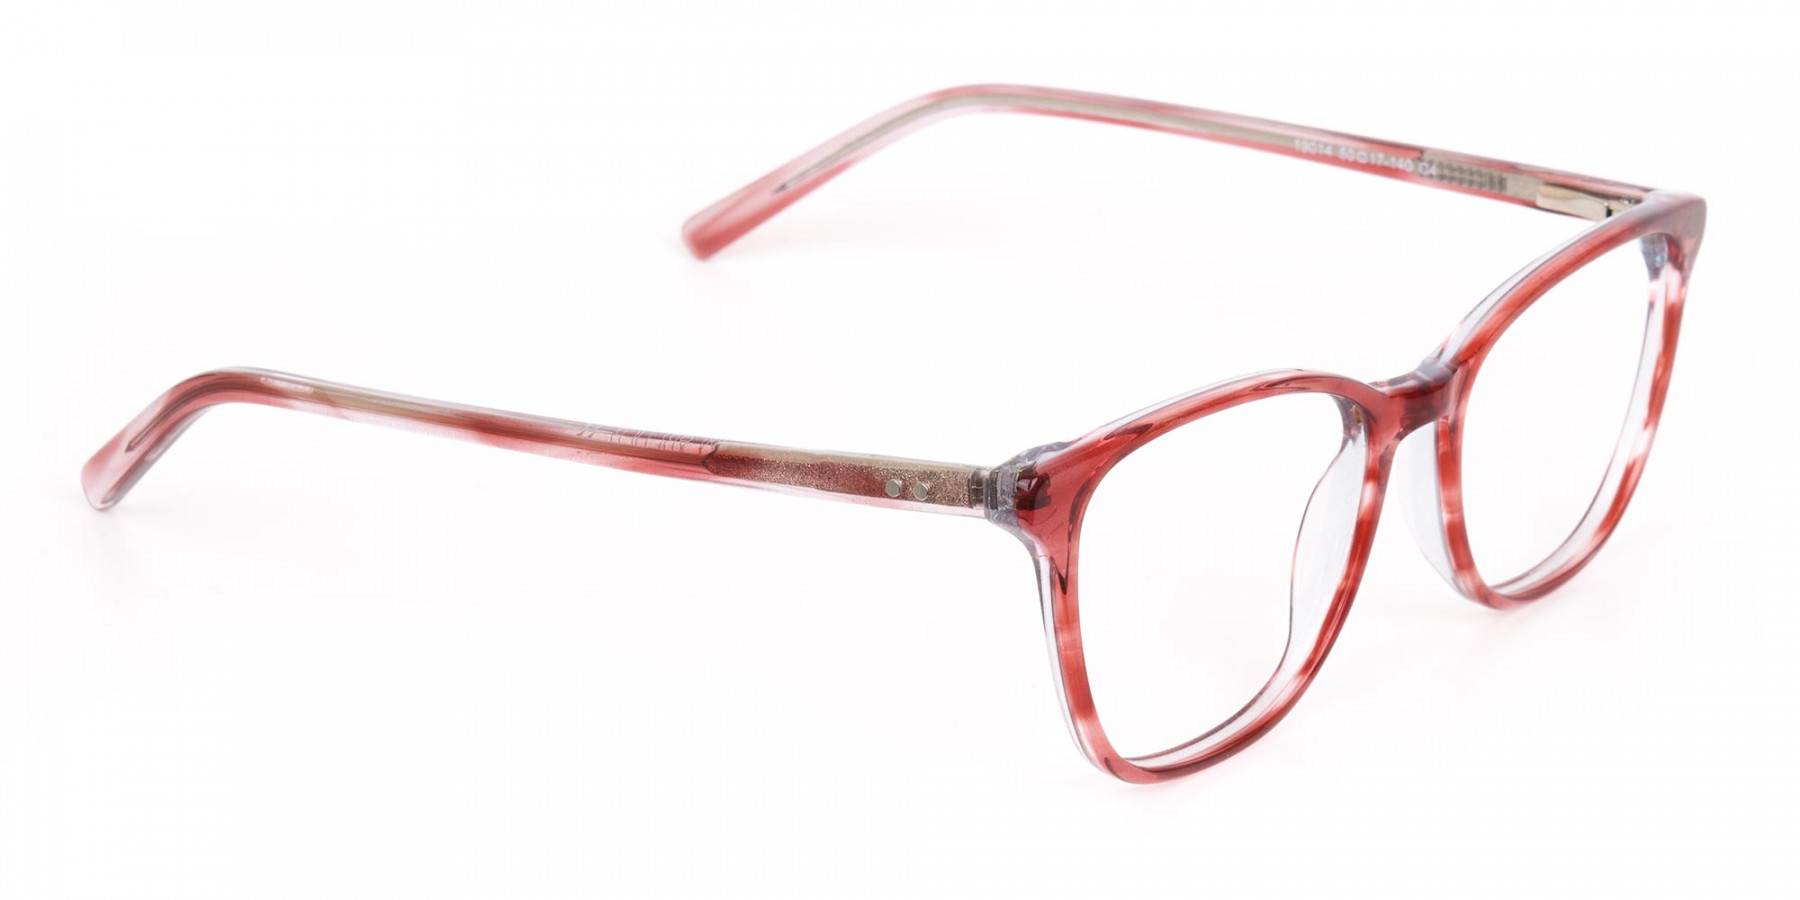 Translucent Rose Red Wayfarer Acetate Glasses-1